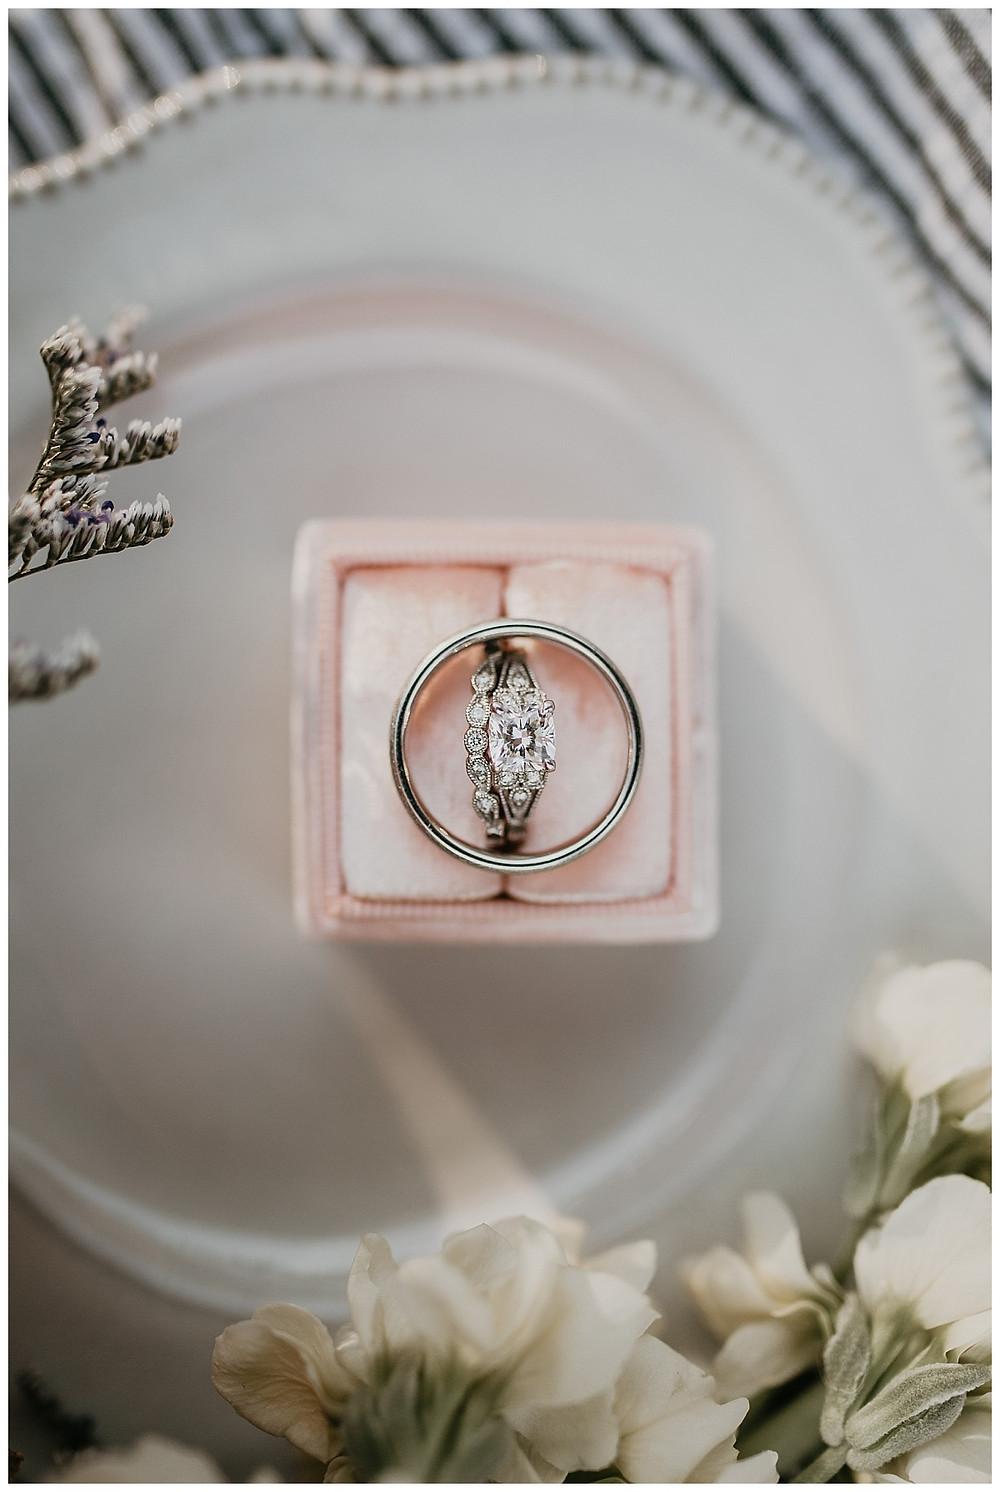 Wedding Ring in Pink Velvet Ring Box